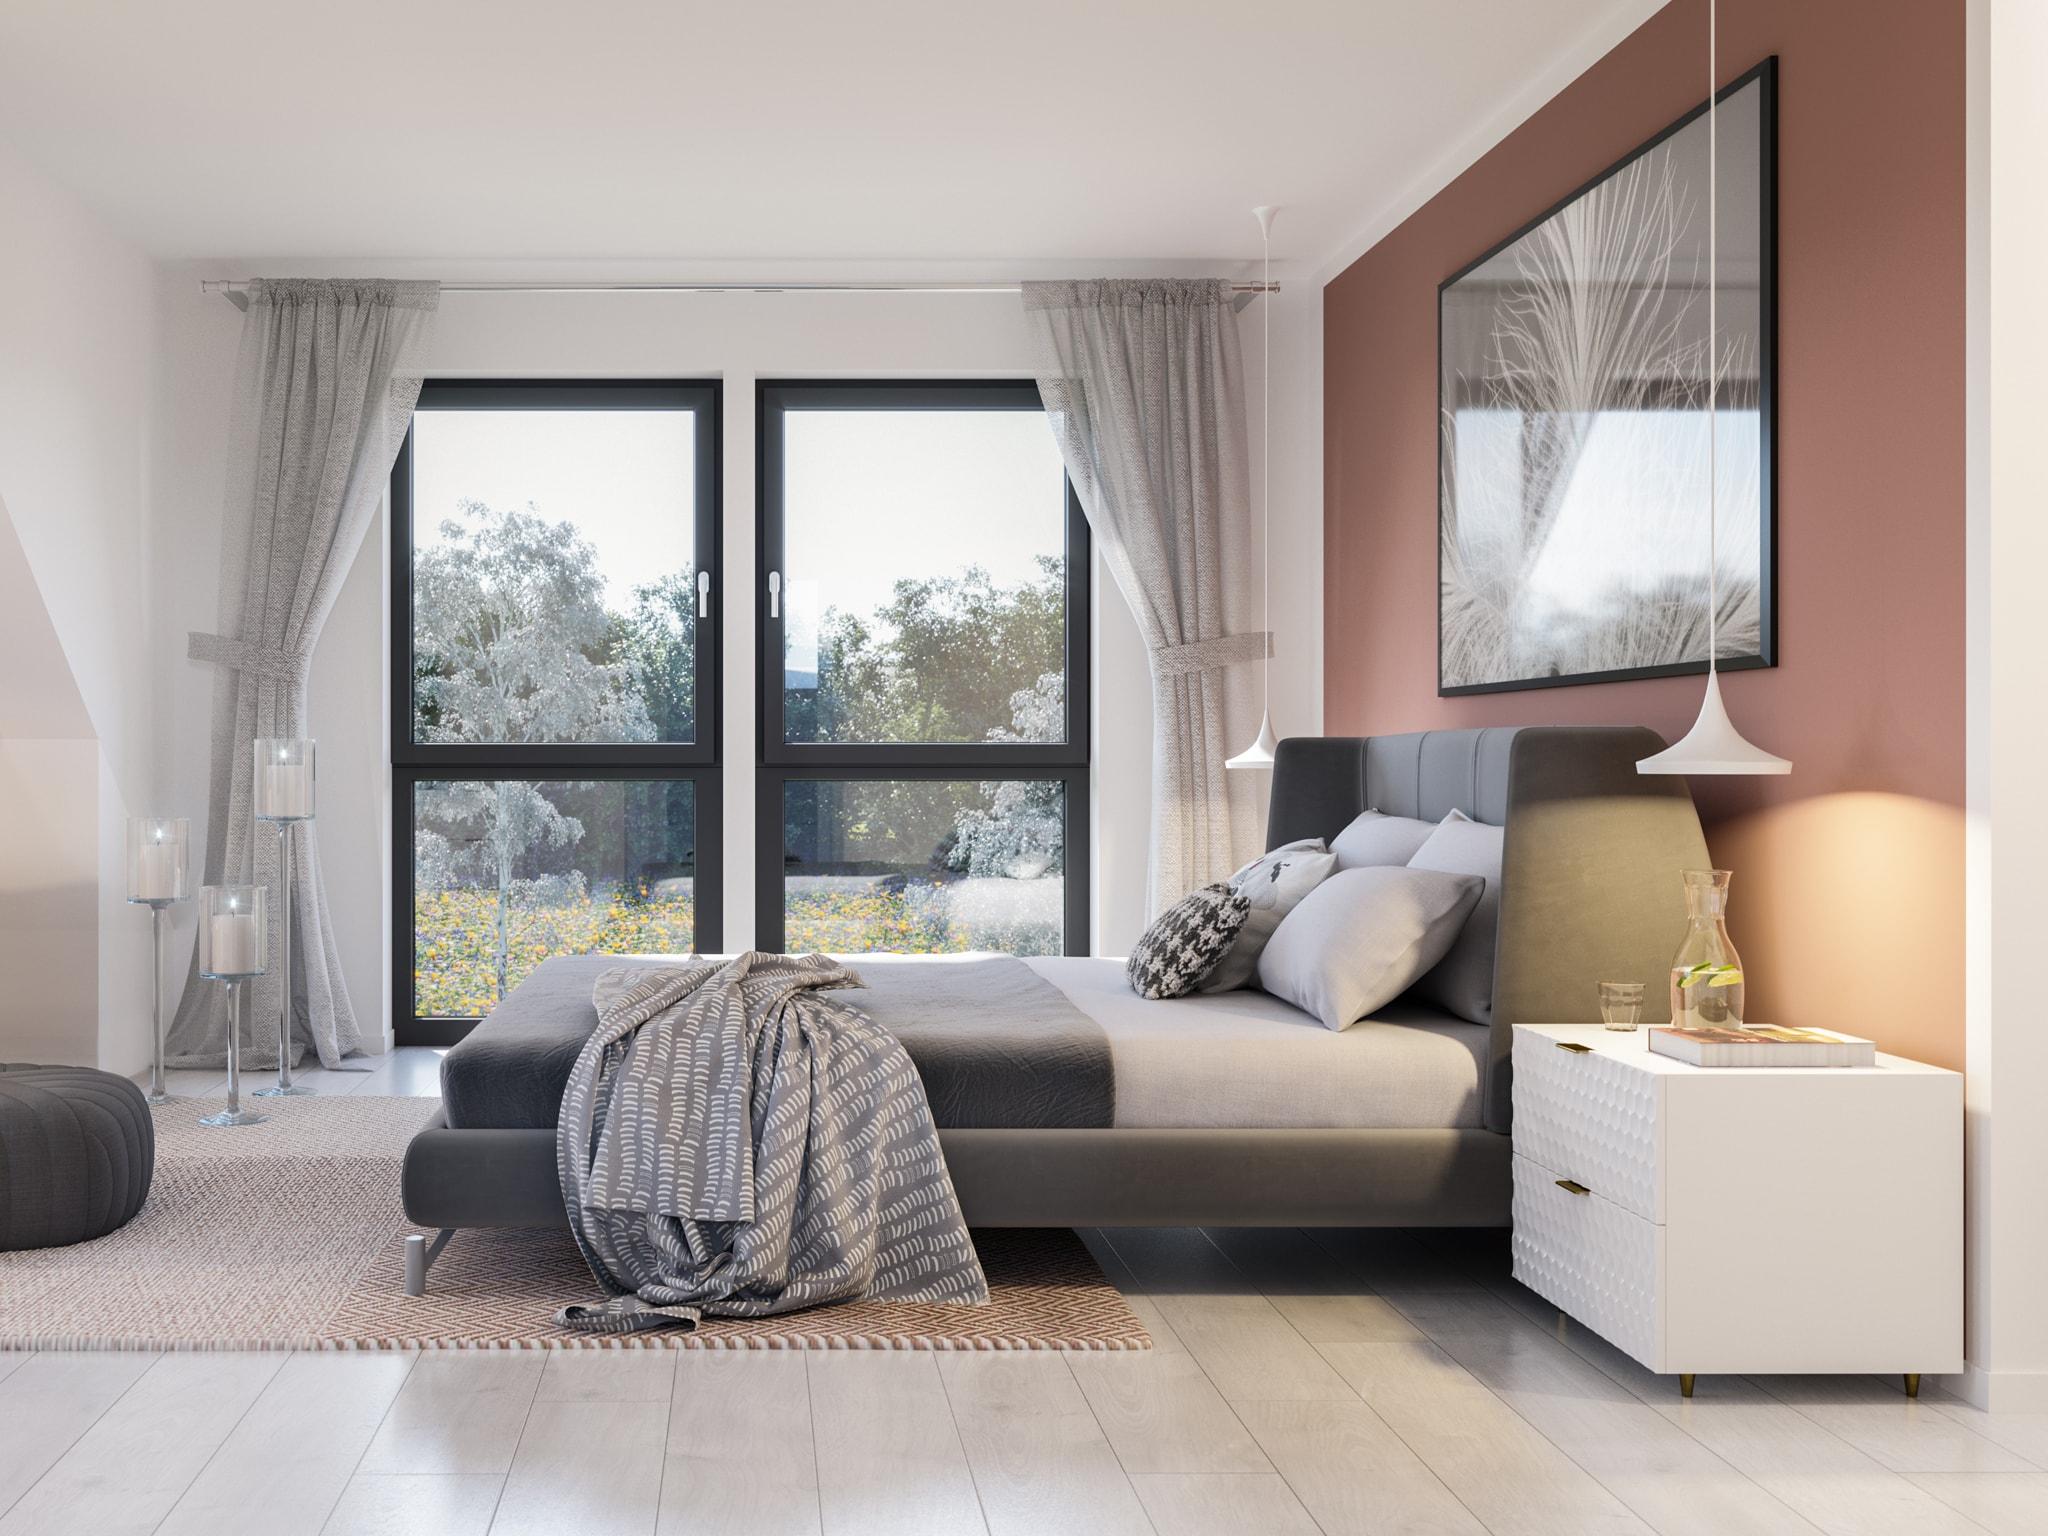 Schlafzimmer Ideen - Doppelhaus innen Fertighaus Bien Zenker CELEBRATION 139 V3 - HausbauDirekt.de